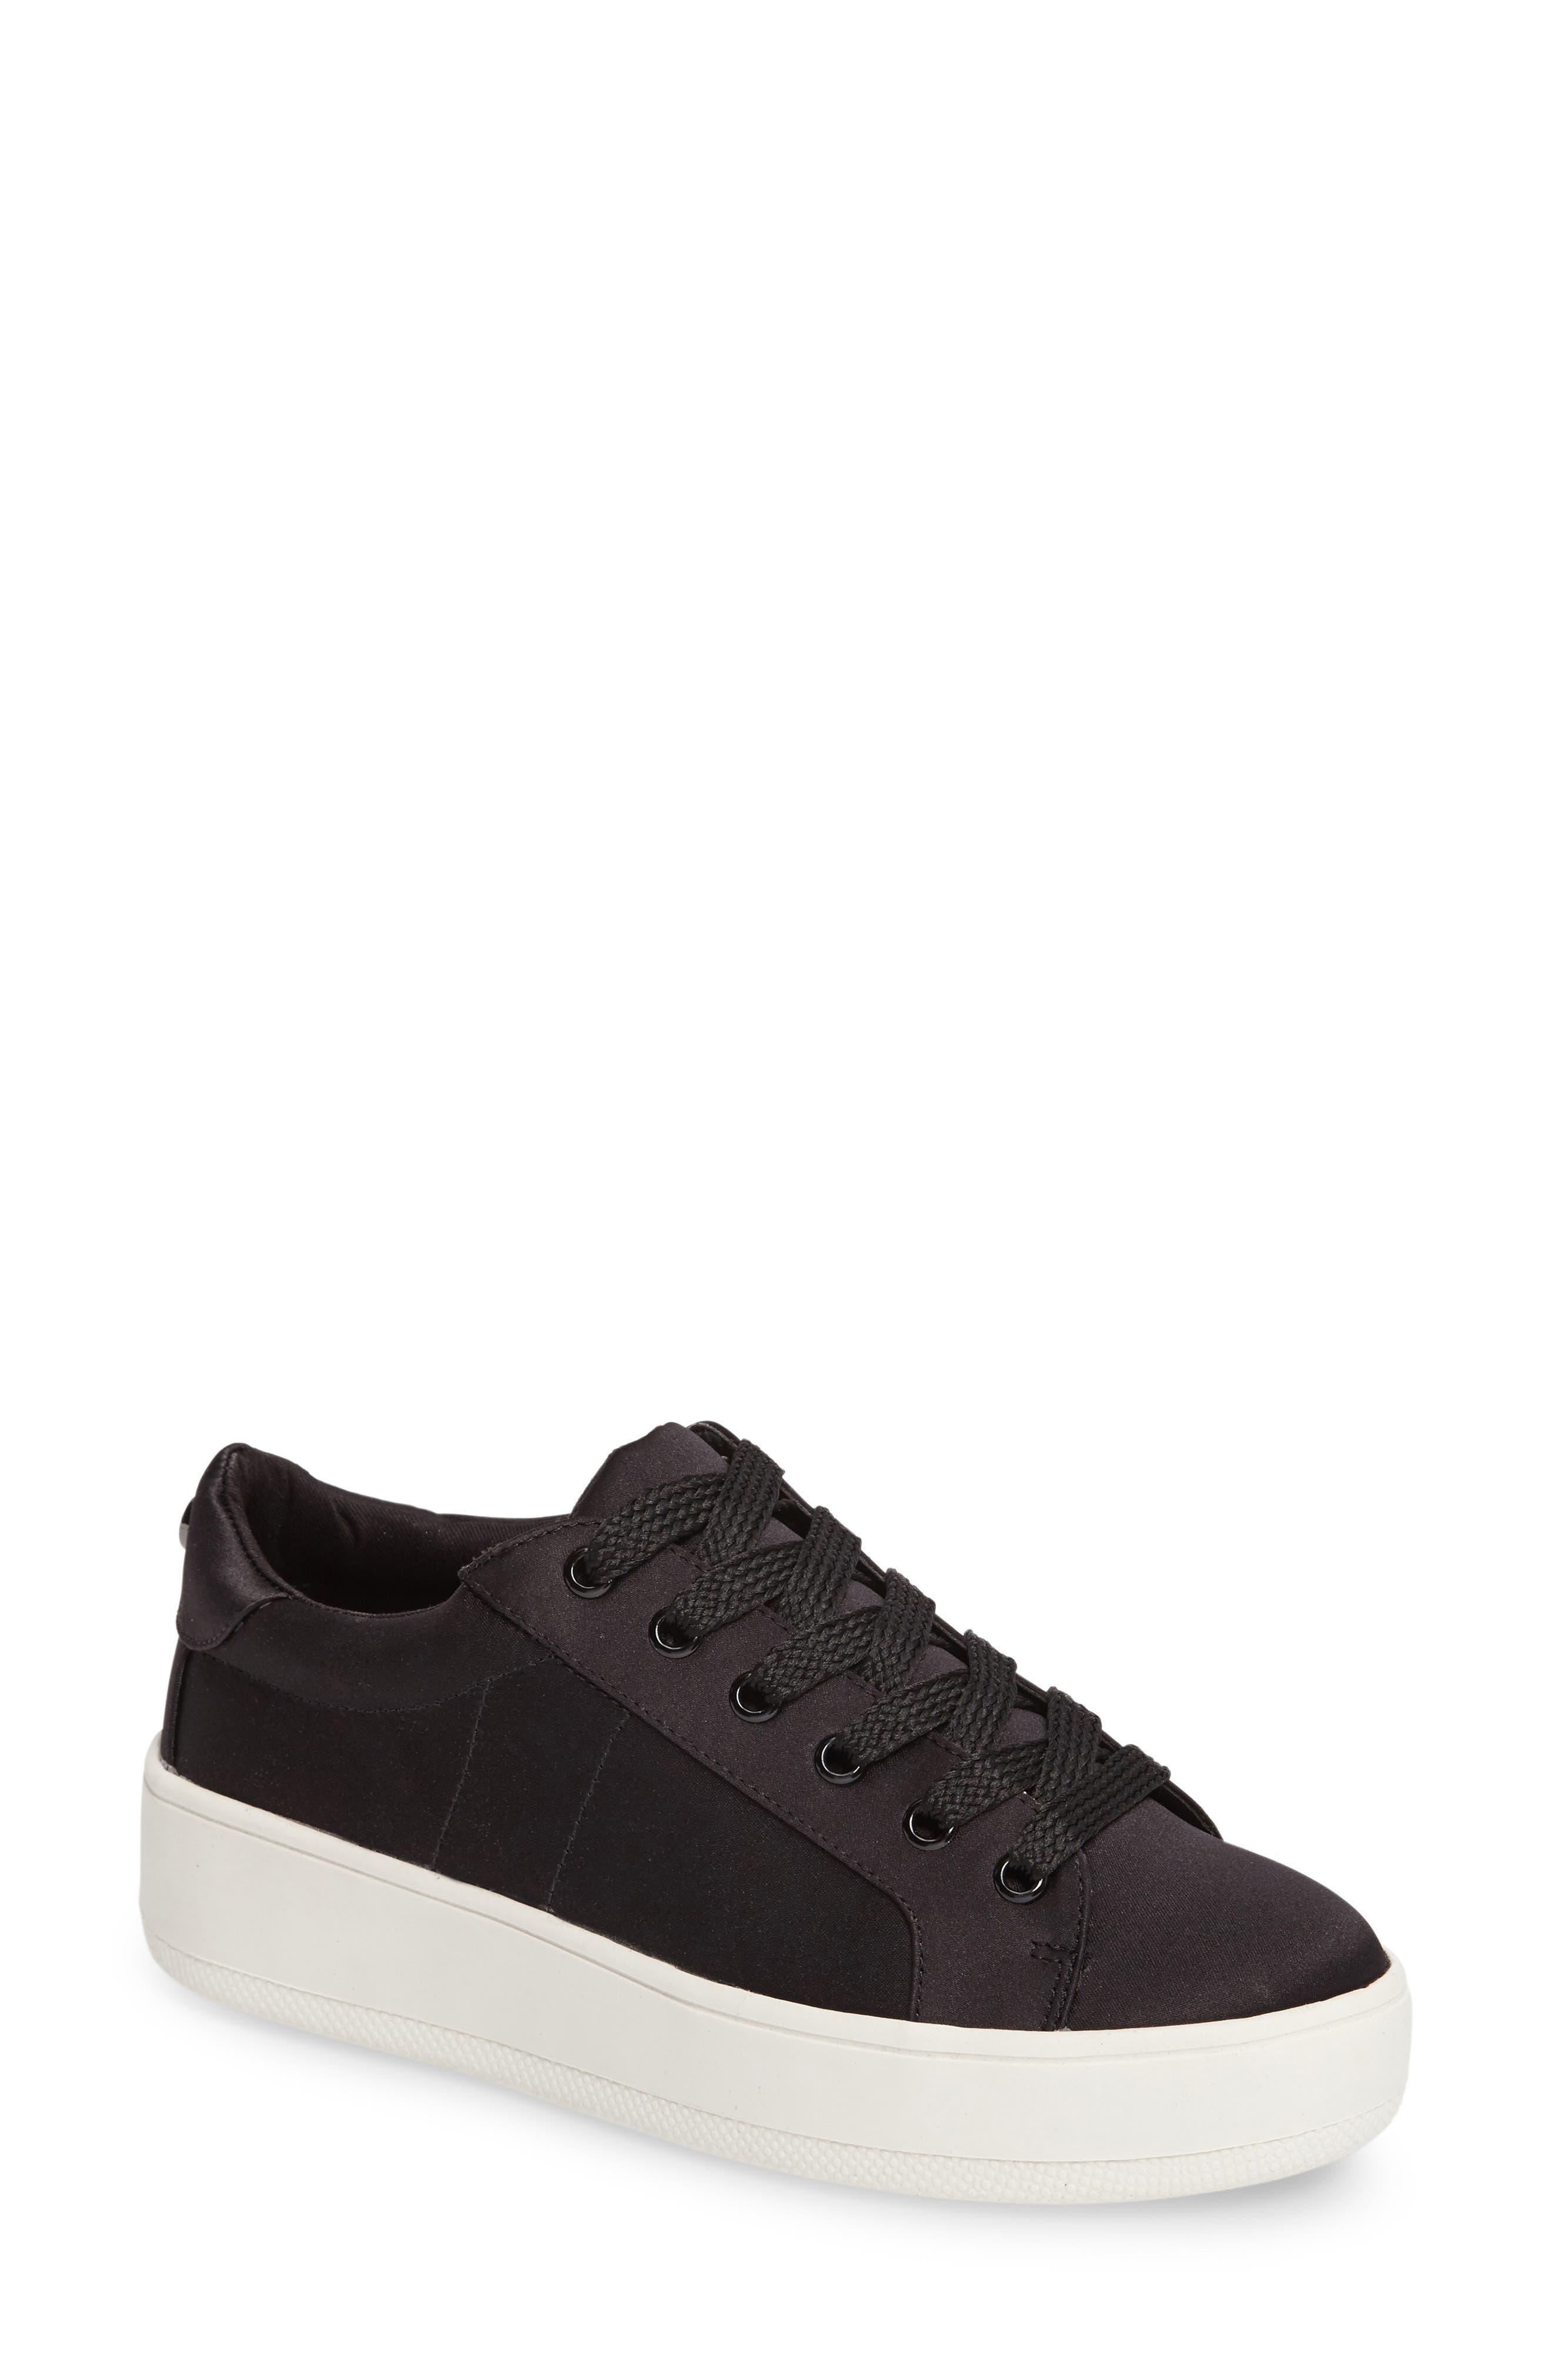 Alternate Image 1 Selected - Steve Madden Bertie-S Platform Sneaker (Women)